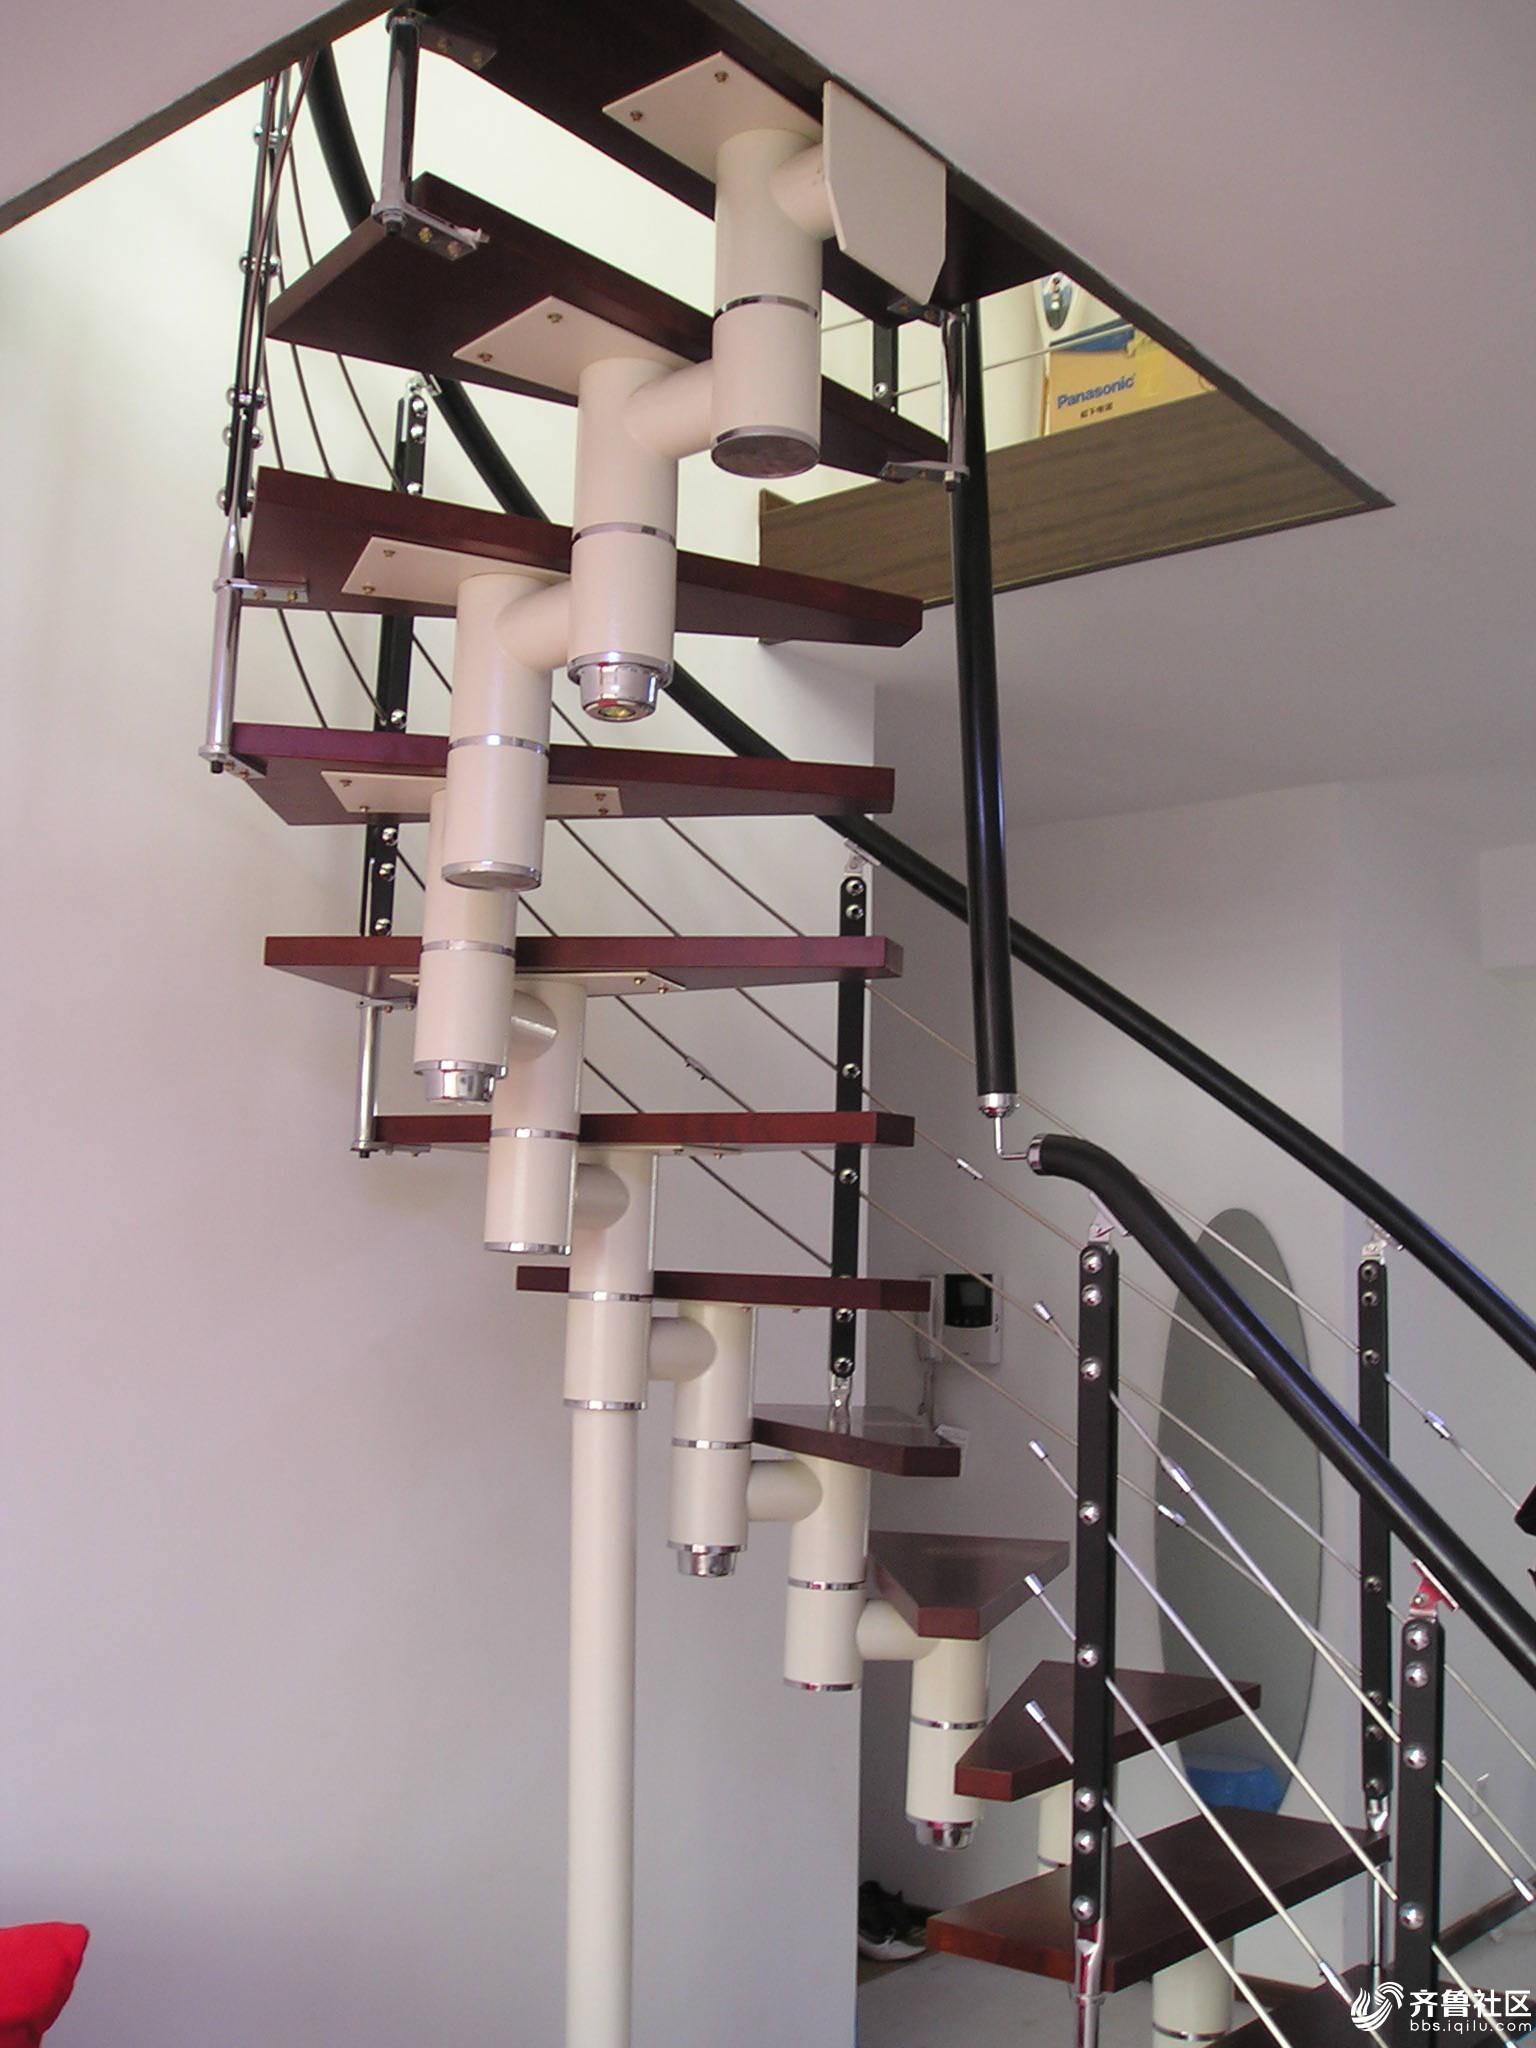 阁楼别墅专用实木楼梯钢木楼梯旋转楼梯实木围栏玻璃护栏